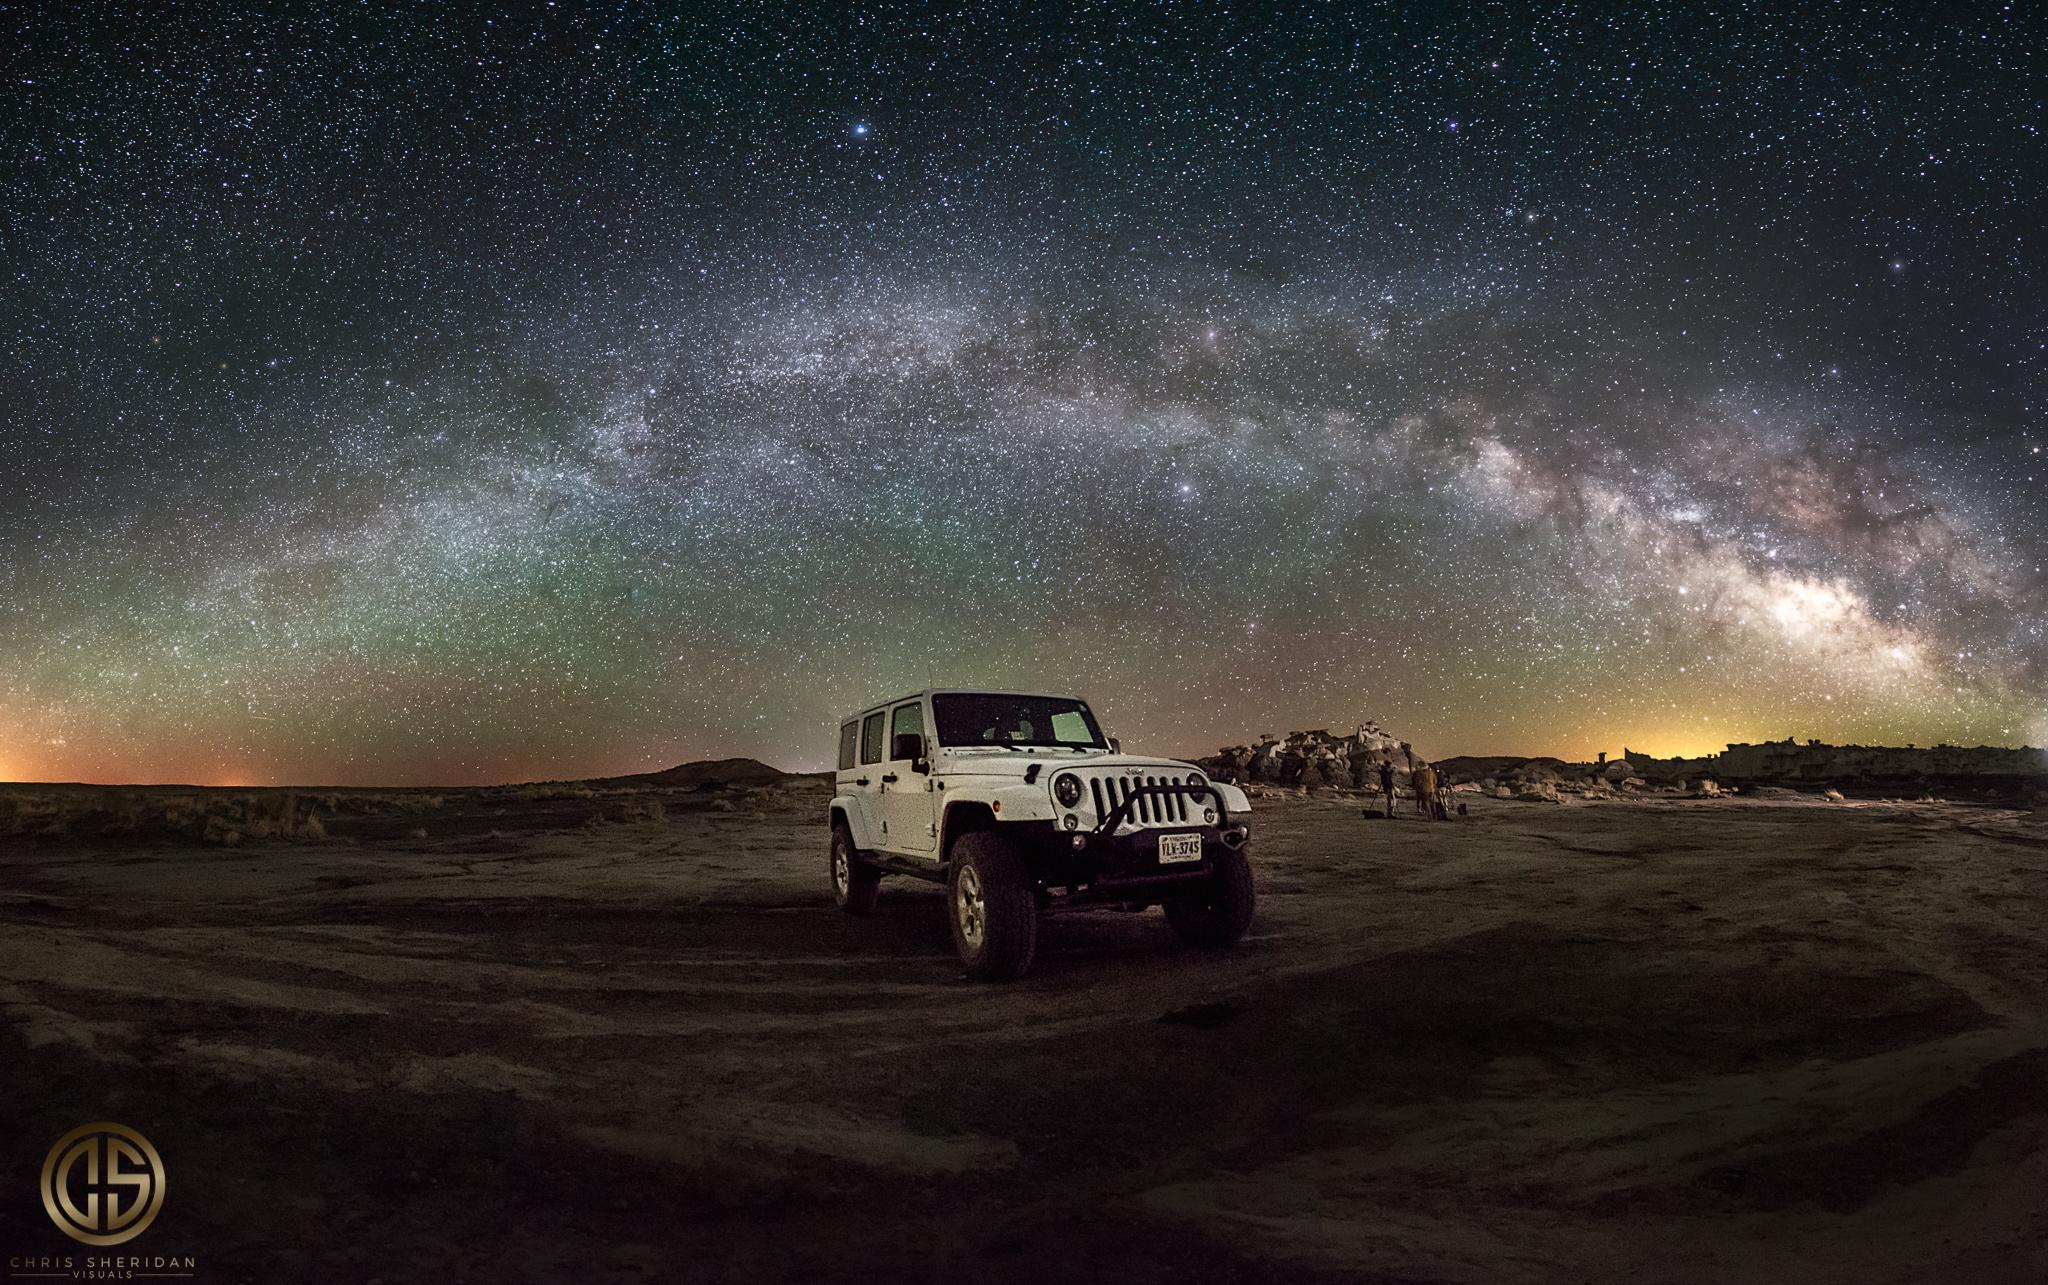 Night Sky Panorama of Jeep Wrangler